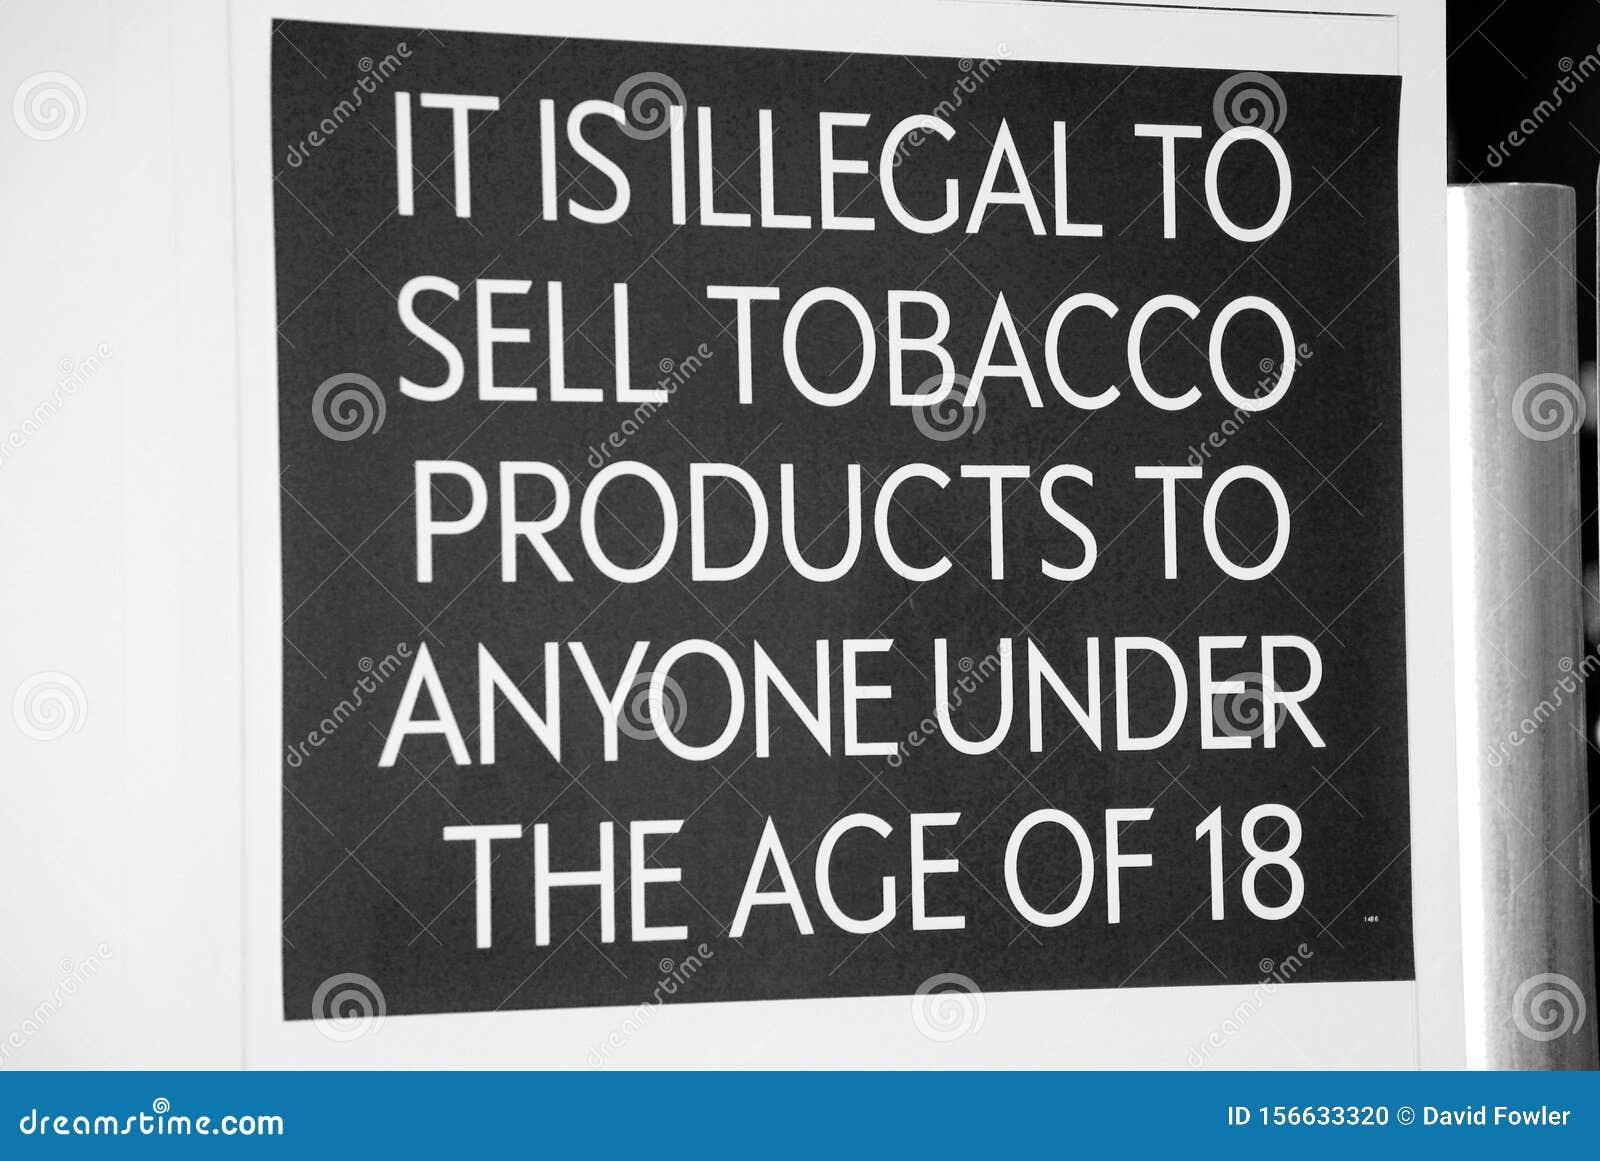 Ограничение табачных изделий сигареты донские купить